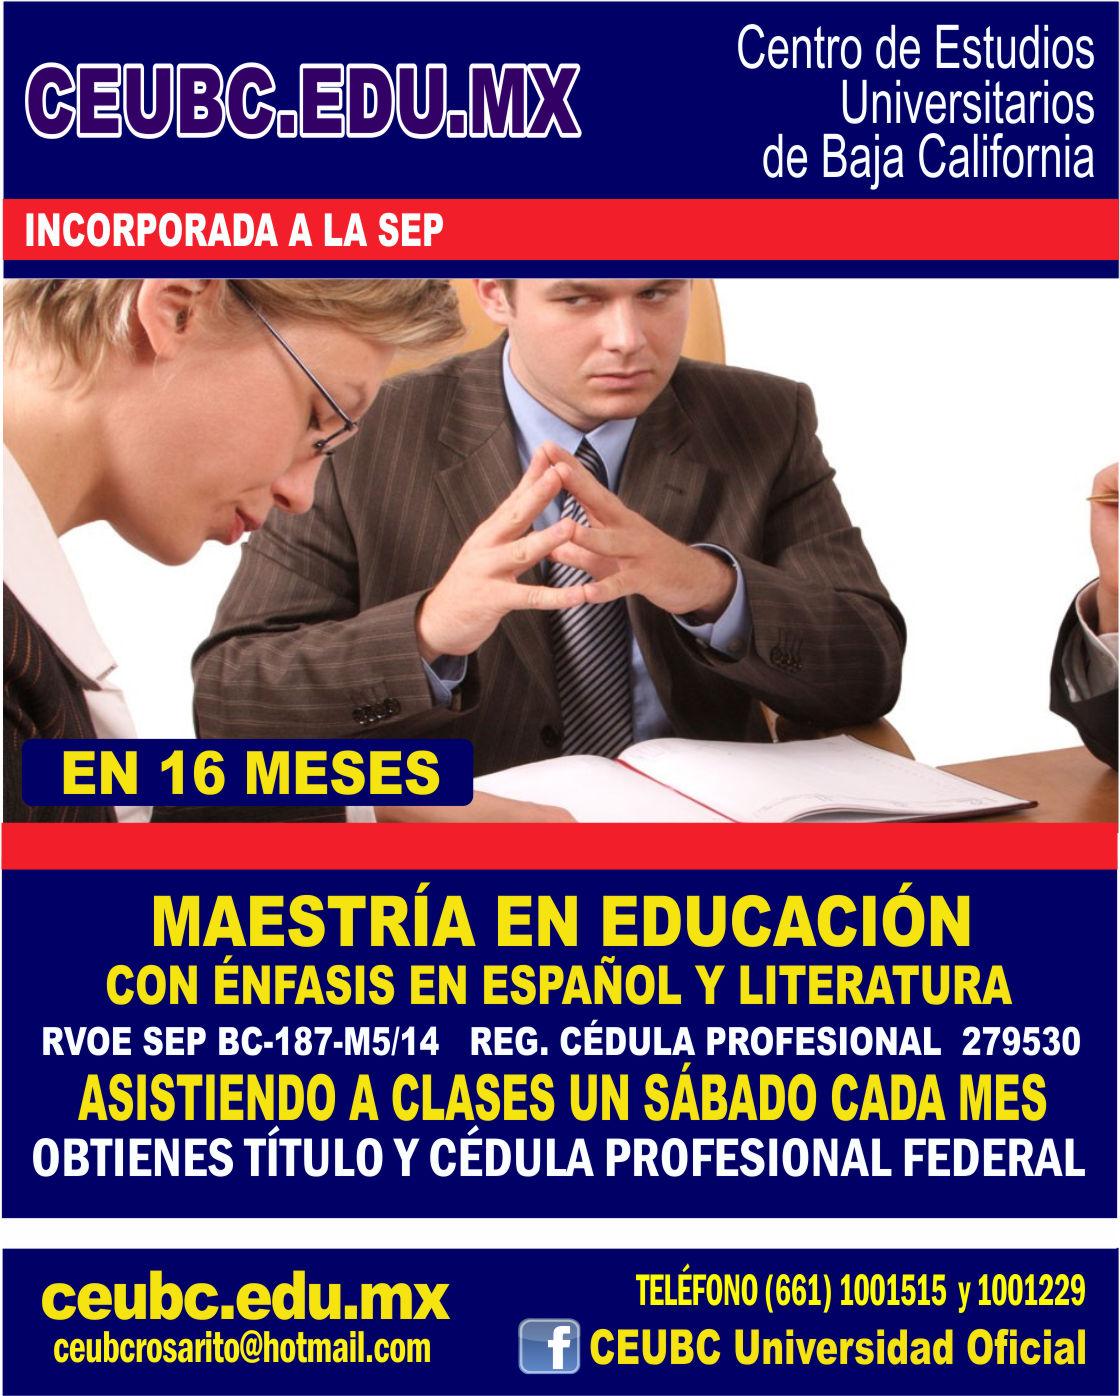 RVOE oficial: Maestría en Educación con Énfasis en Español y Literatura